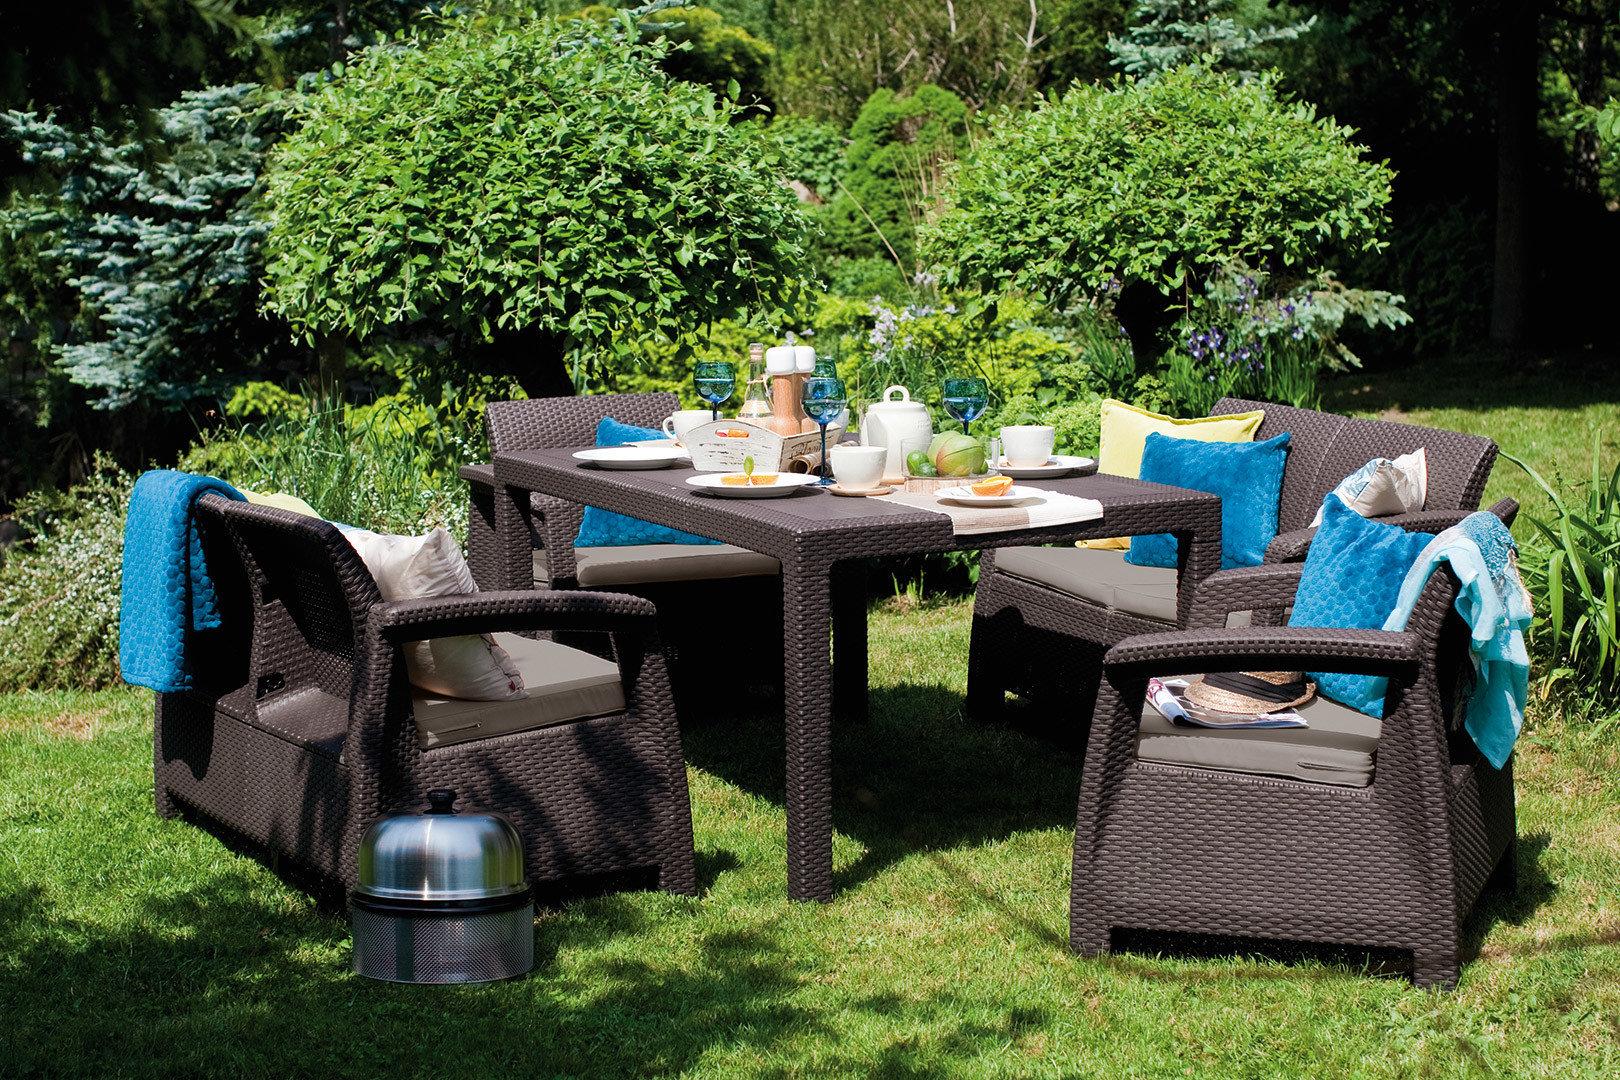 Czas na relaks w ogrodzie. Nowość – meble ogrodowe!